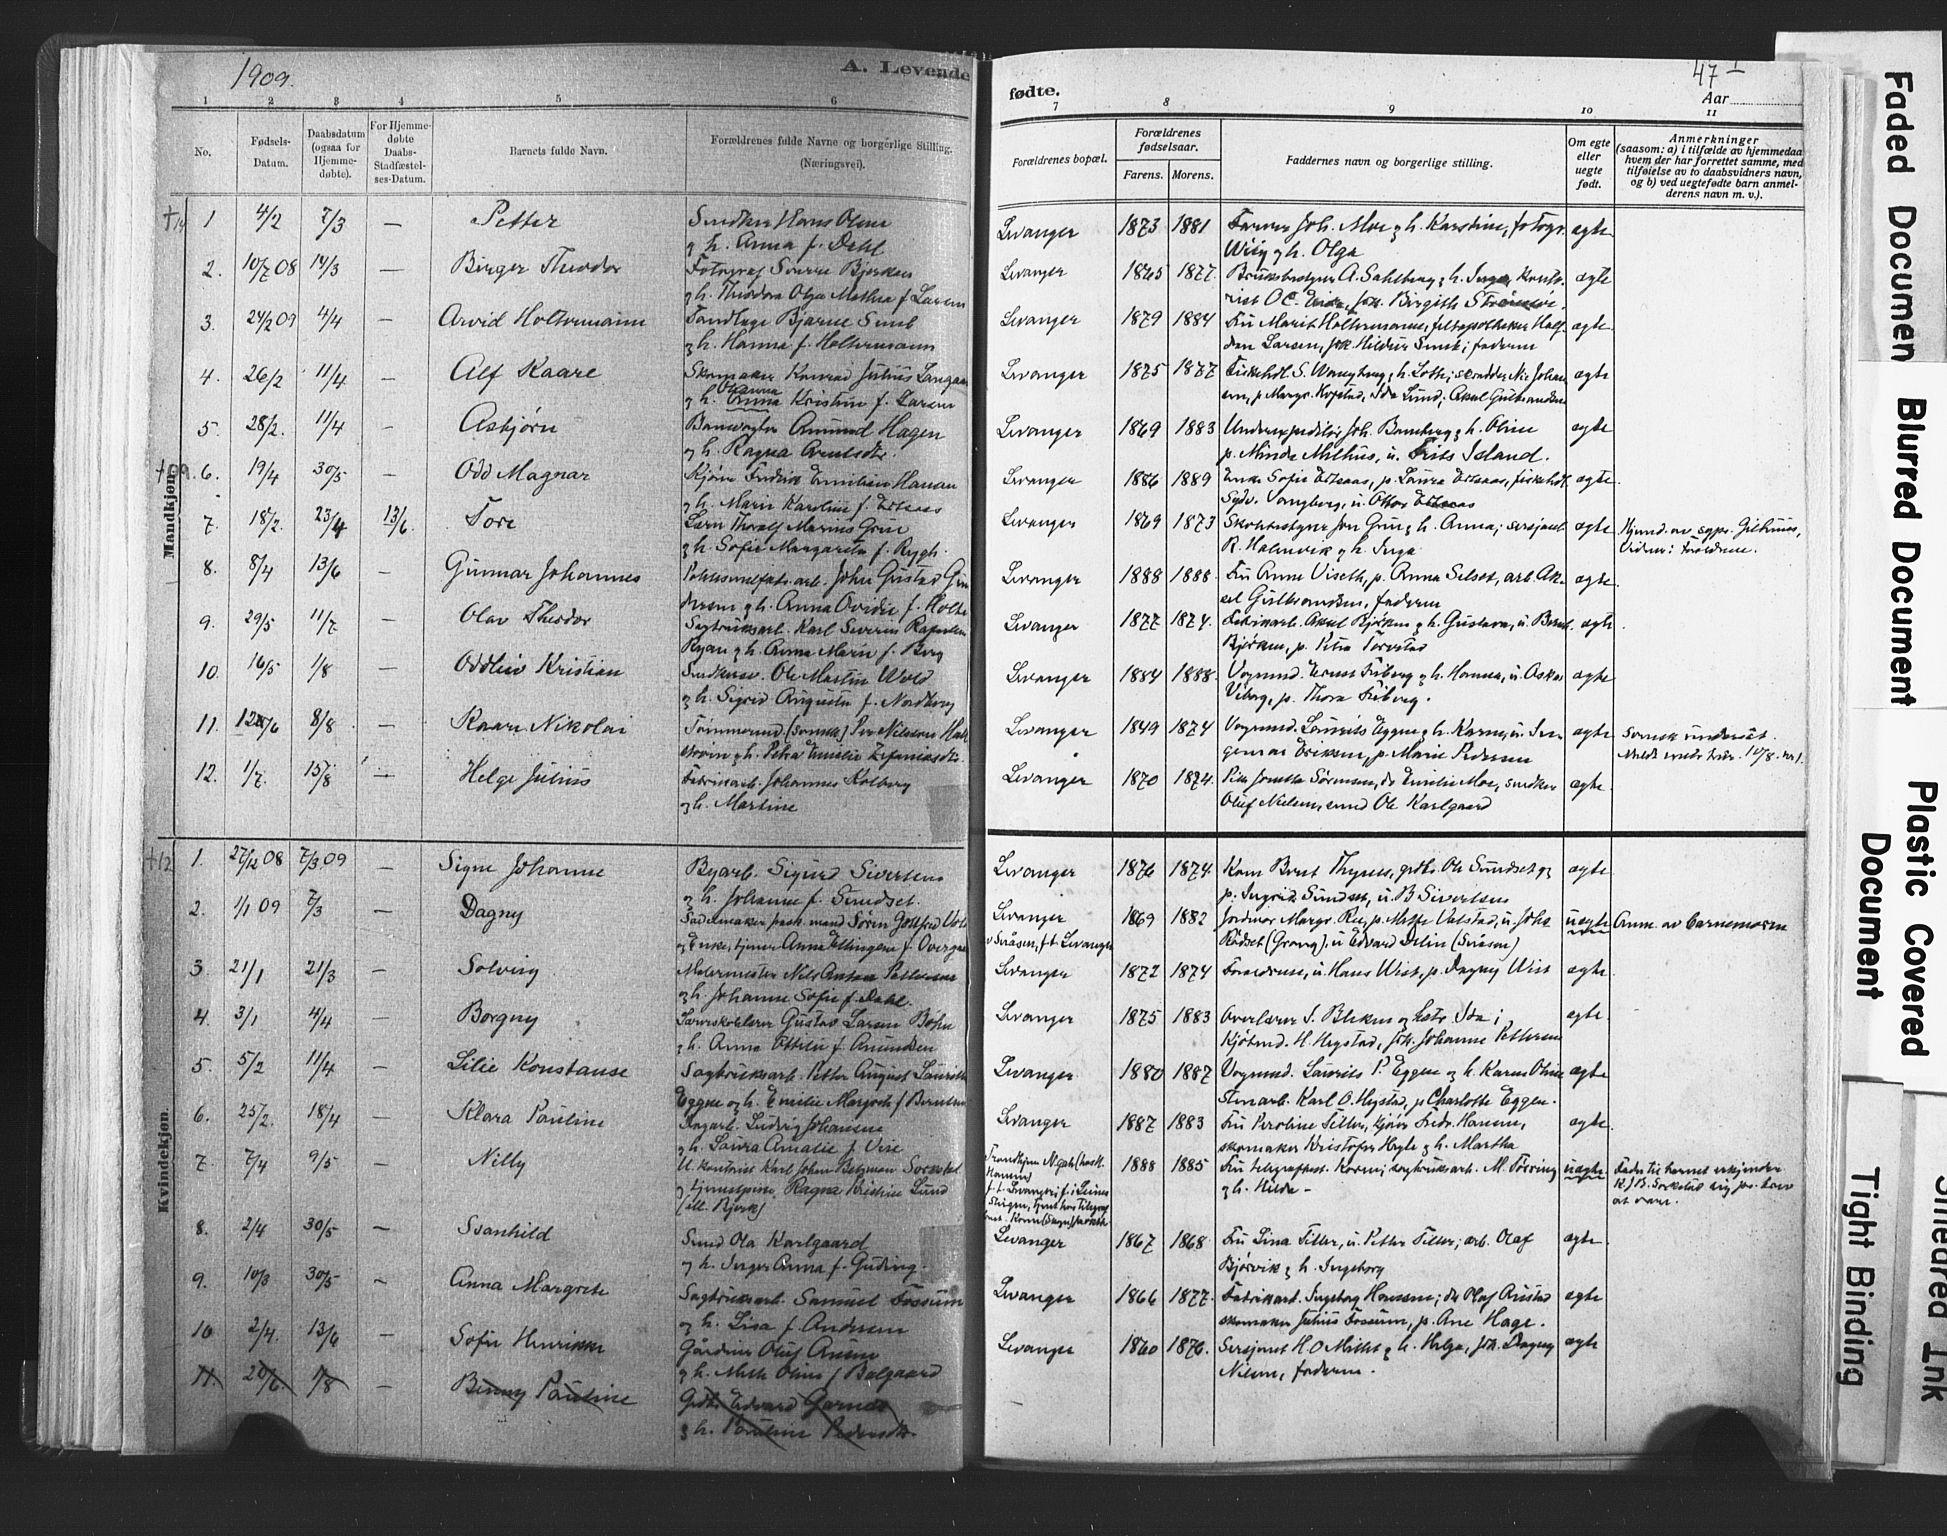 SAT, Ministerialprotokoller, klokkerbøker og fødselsregistre - Nord-Trøndelag, 720/L0189: Ministerialbok nr. 720A05, 1880-1911, s. 47